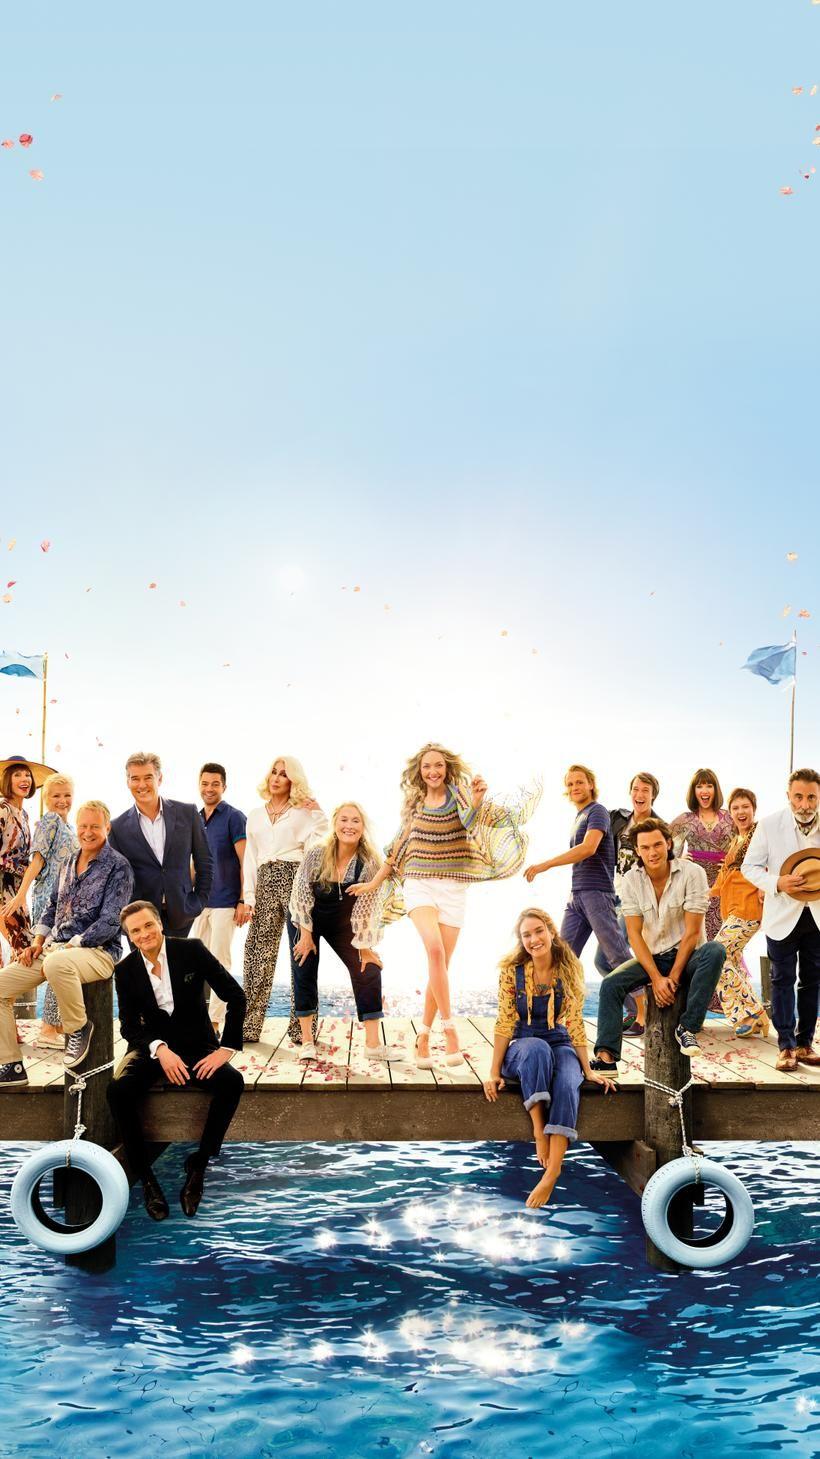 Mamma Mia 2008 Phone Wallpaper Moviemania In 2020 Mamma Mia Mama Mia Mamma